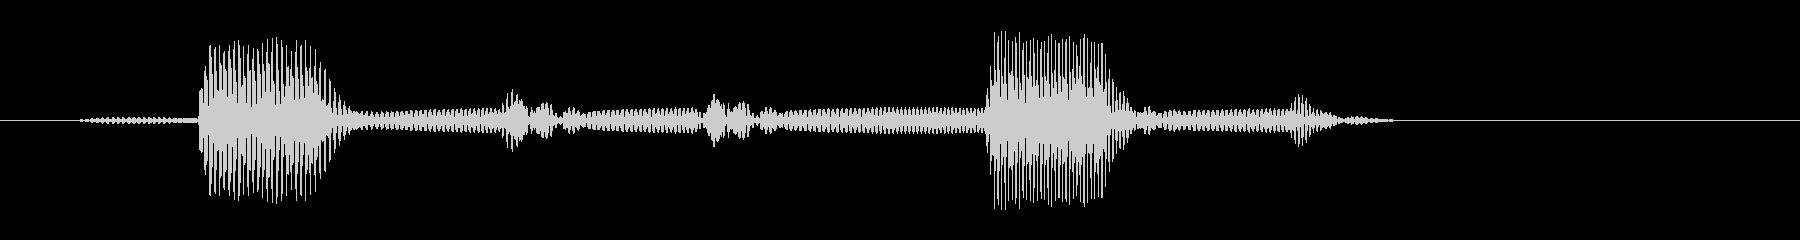 ポケ(コテッなど)短い高音の未再生の波形